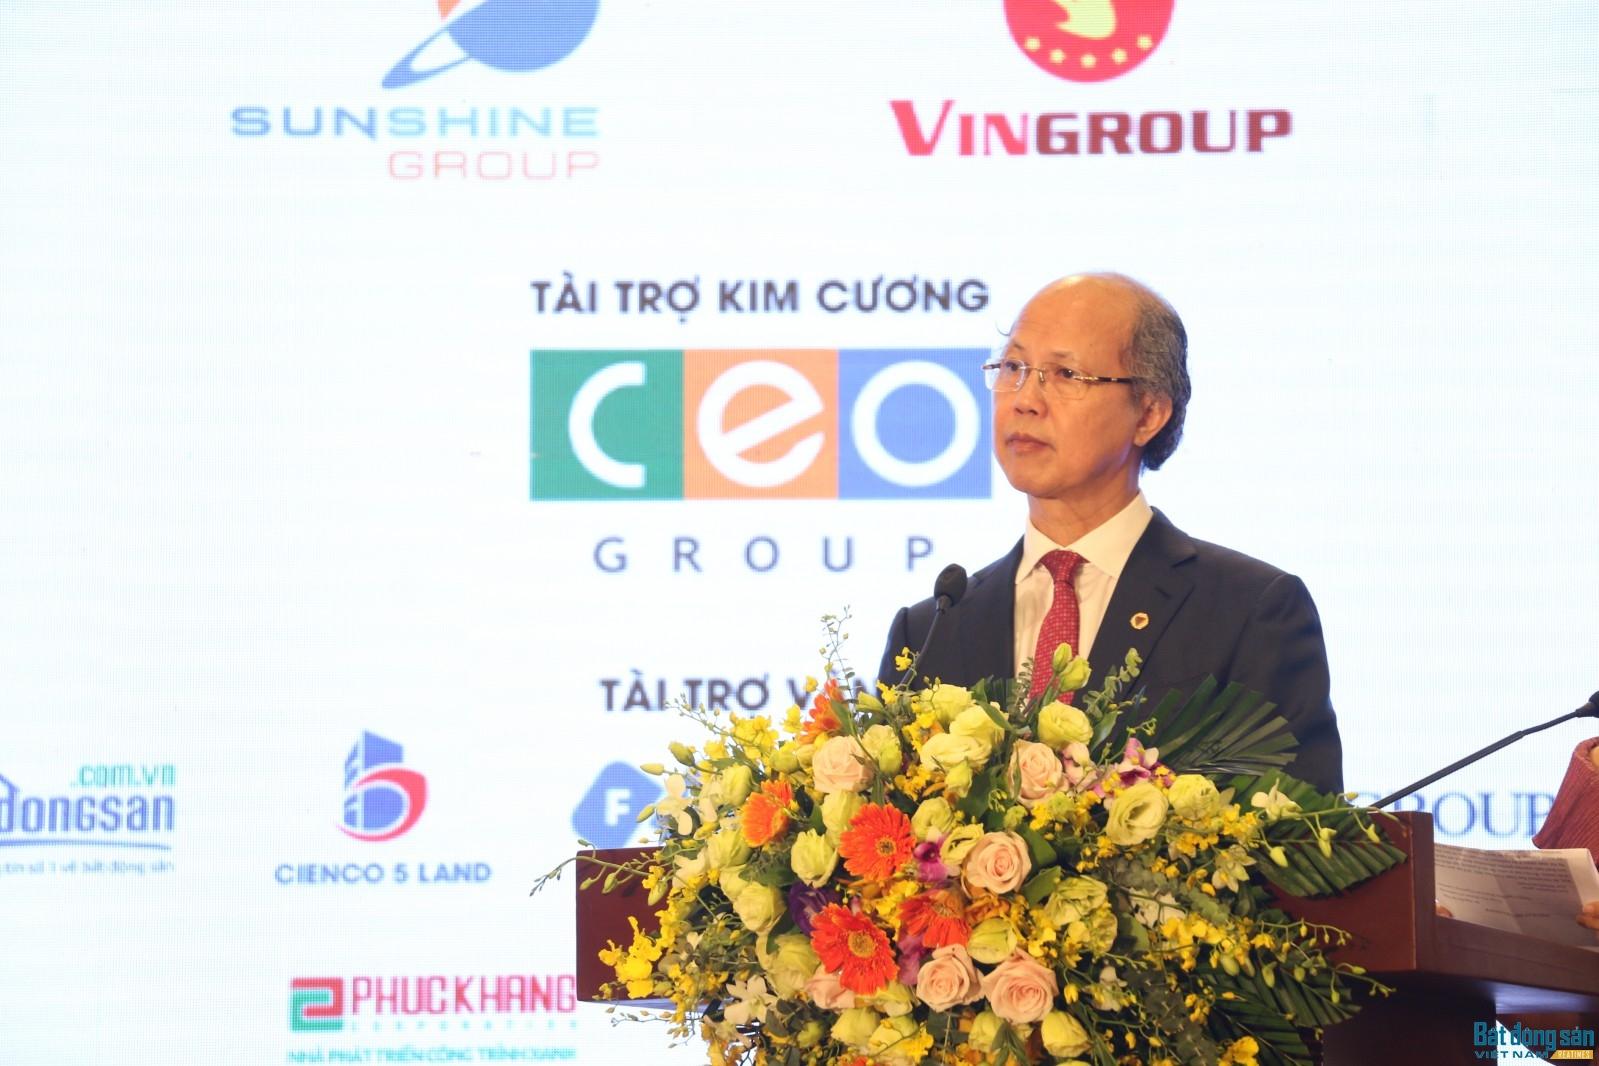 Ông Nguyễn Trần Nam chia sẻ tại tiệc